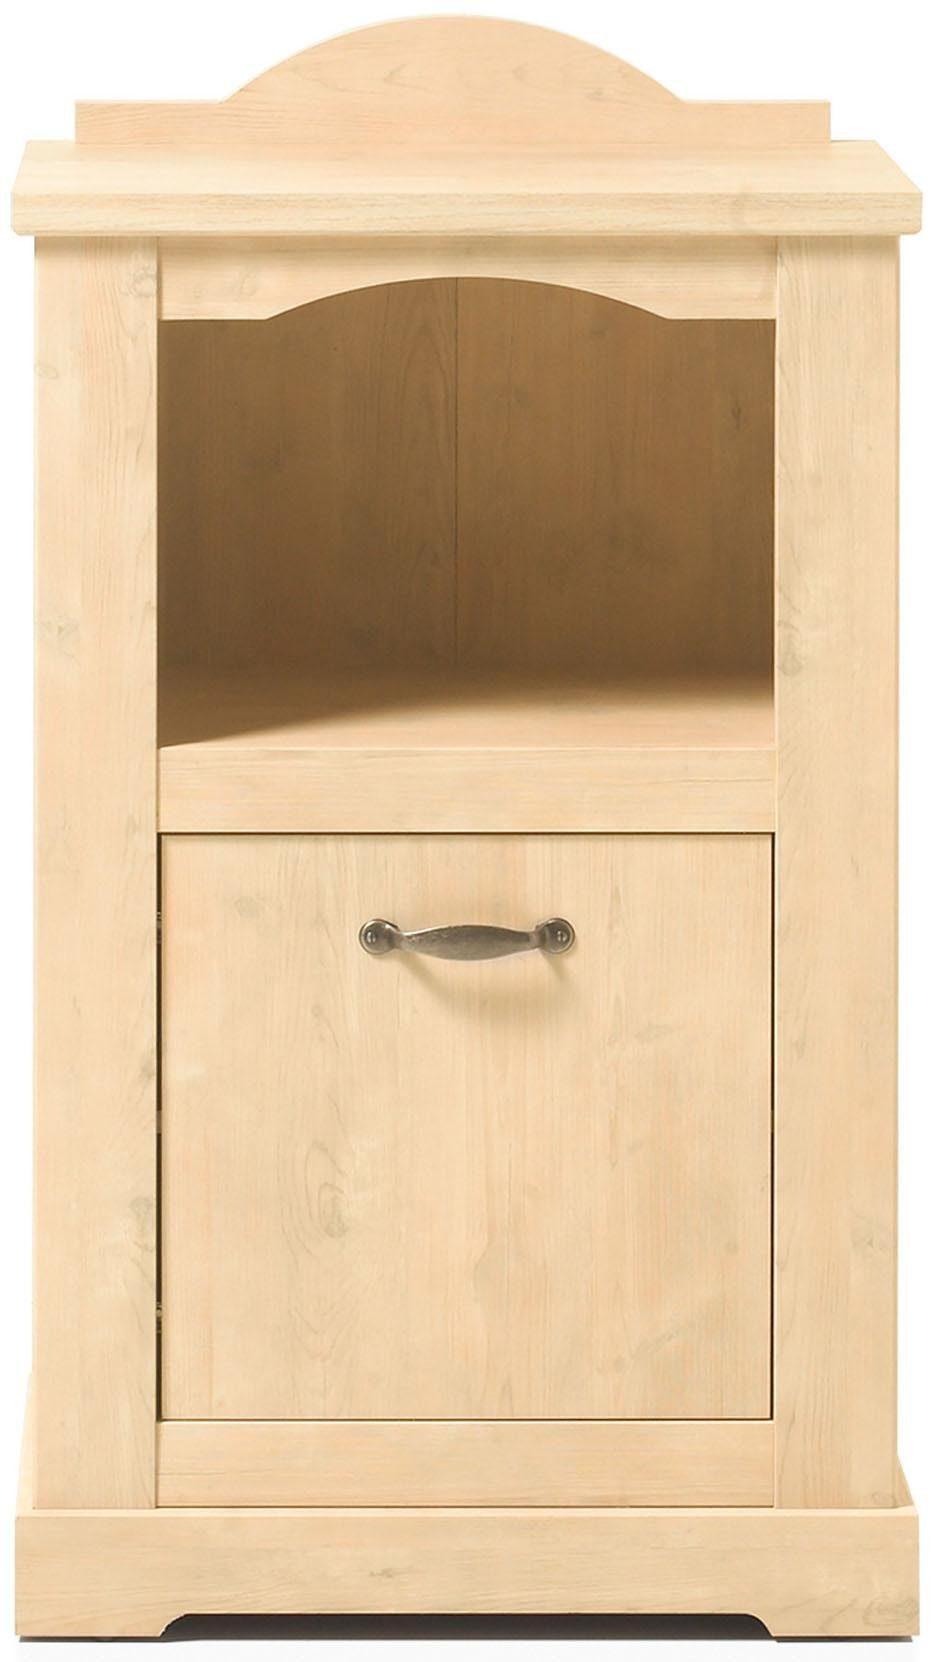 Home affaire Kommode »Arosa«, Breite 59 cm